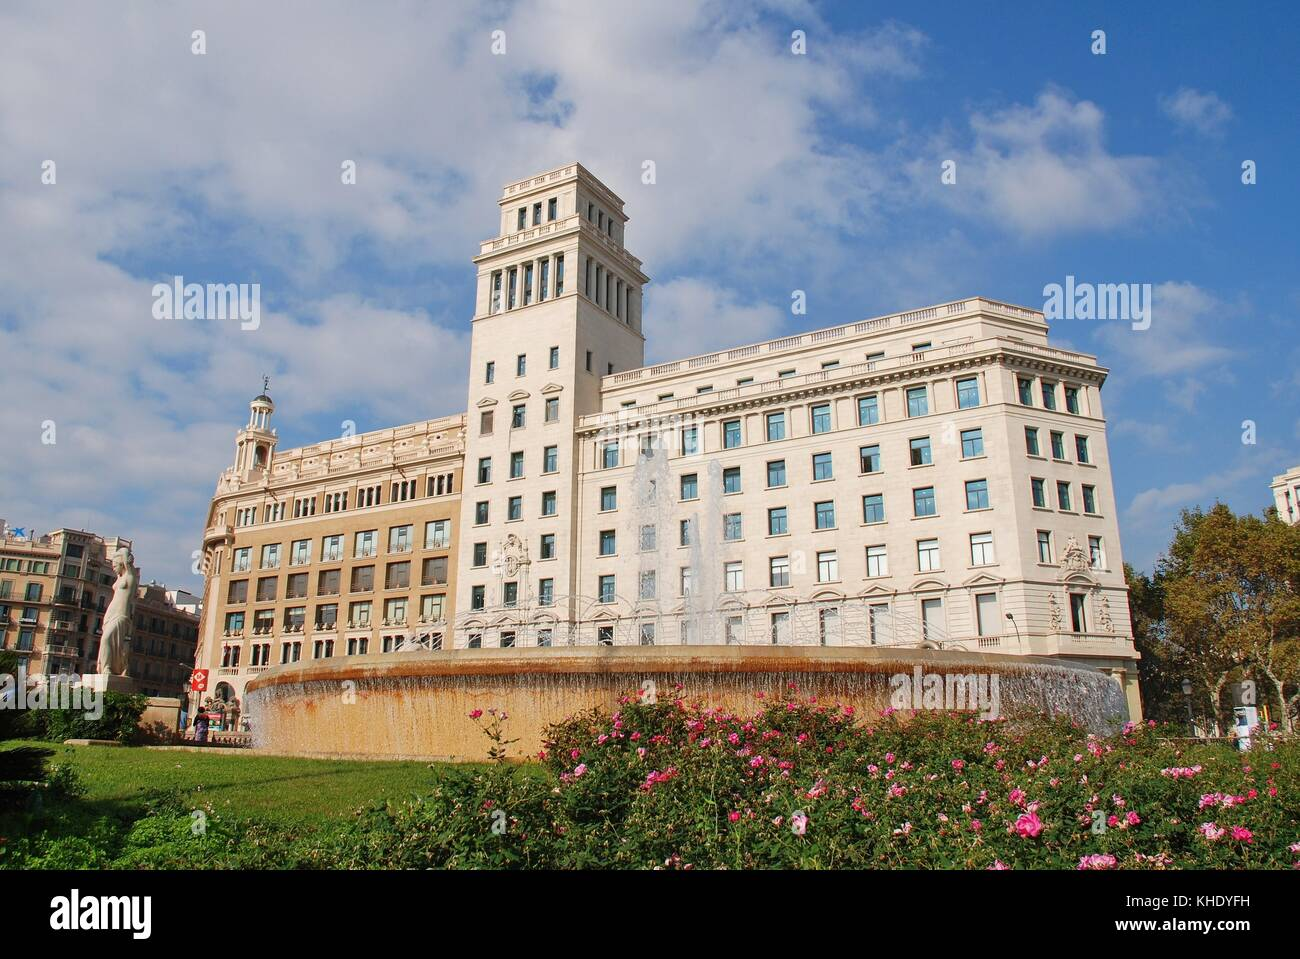 Carte Barcelone Place Despagne.L Historique Place De Catalogne A Barcelone Espagne Le 1 Novembre